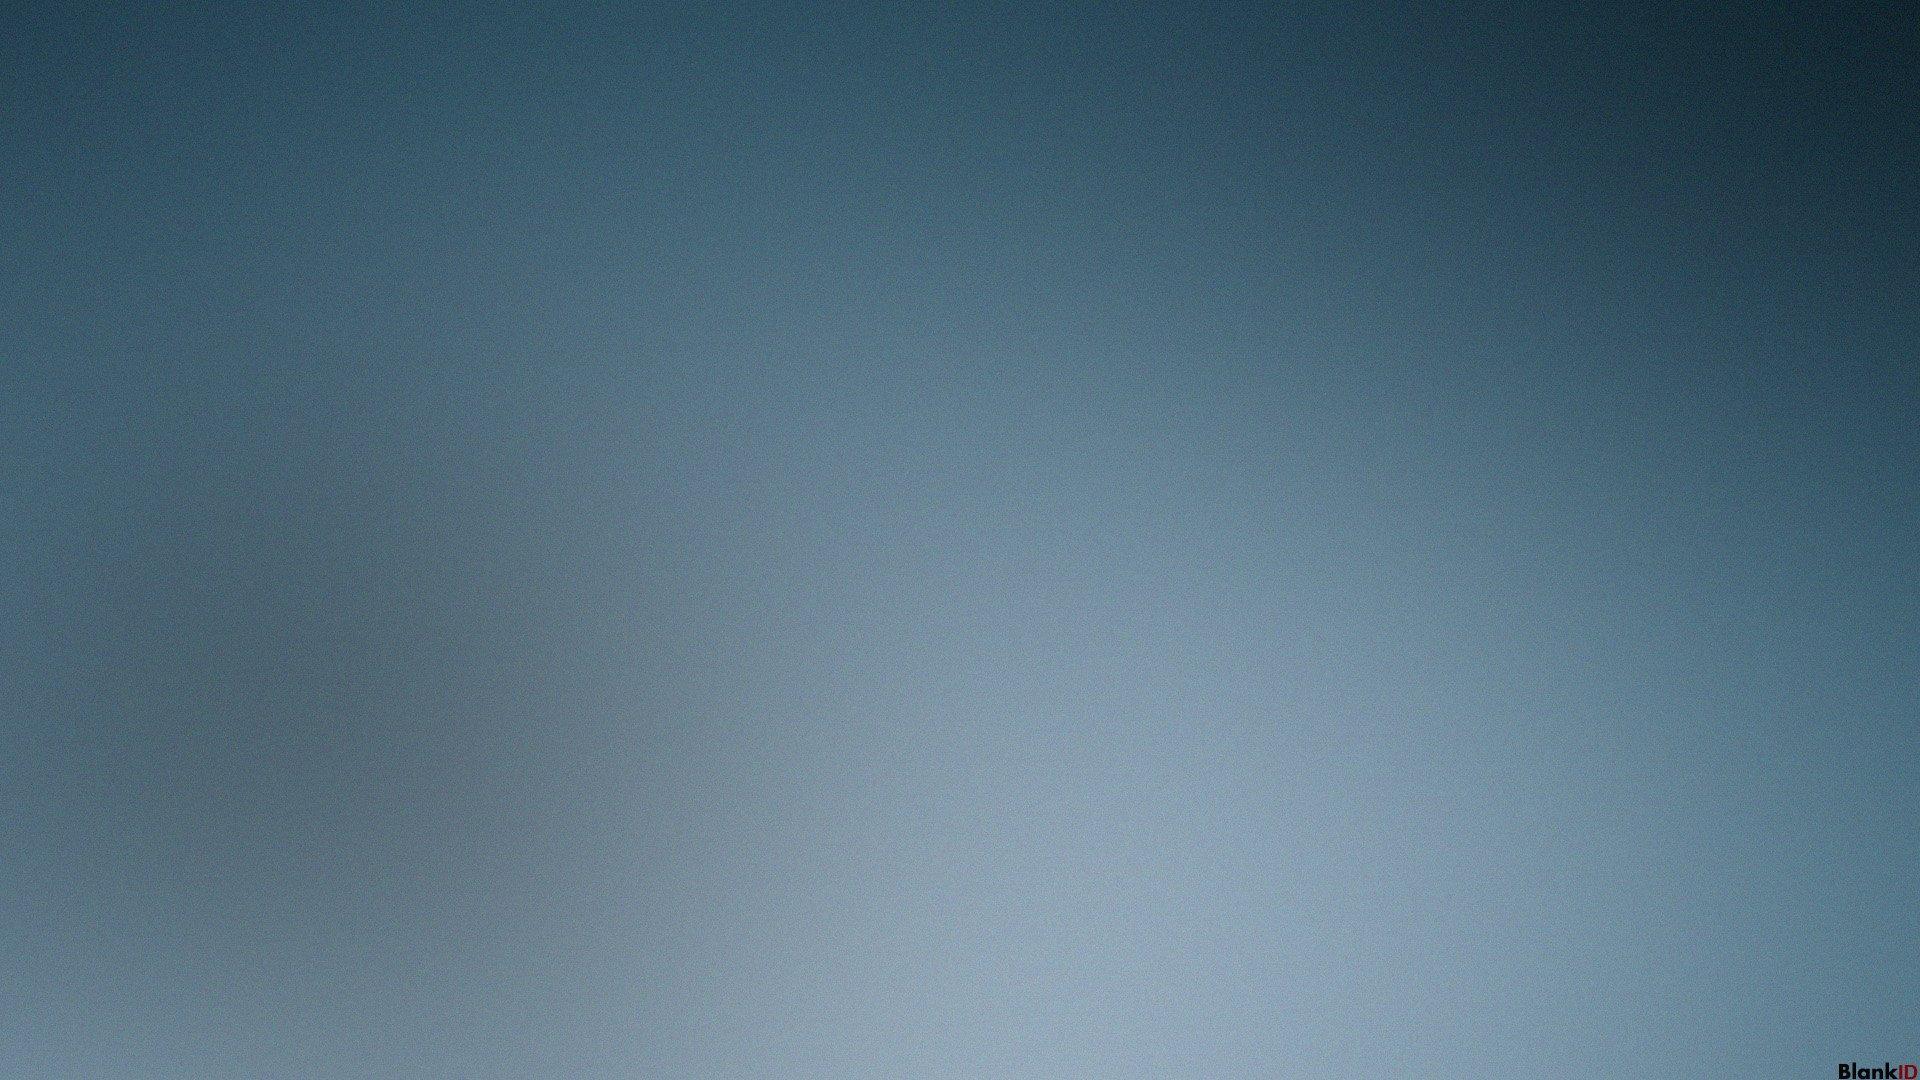 Grigio Hd Wallpaper Sfondi 1920x1080 Id380564 Wallpaper Abyss